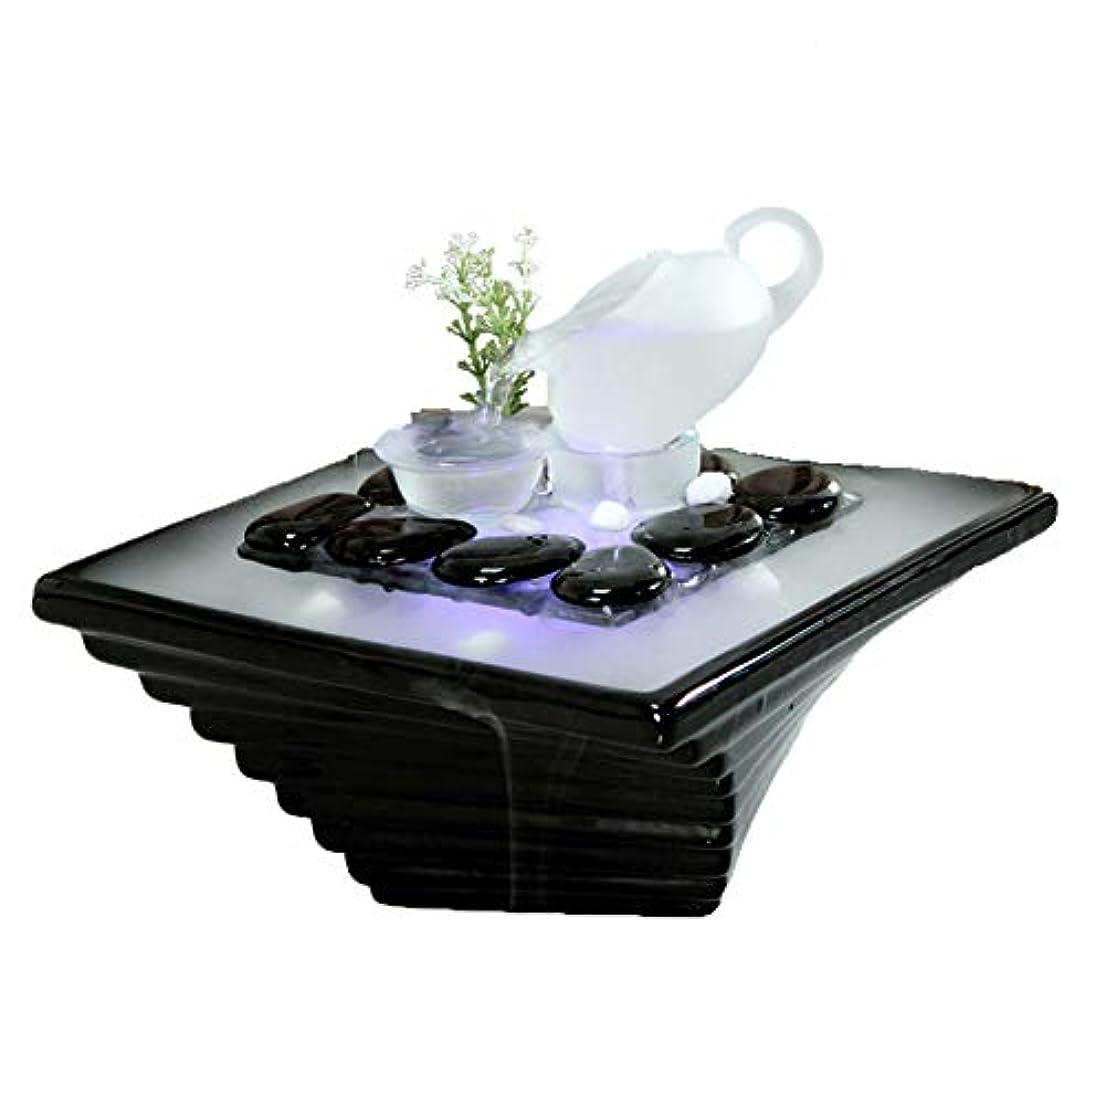 覆す裏切り者無エッセンシャルオイルディフューザー空気加湿器セラミッククラフトクリエイティブホームデスクトップ装飾アロマセラピー絶妙なギフト,Black